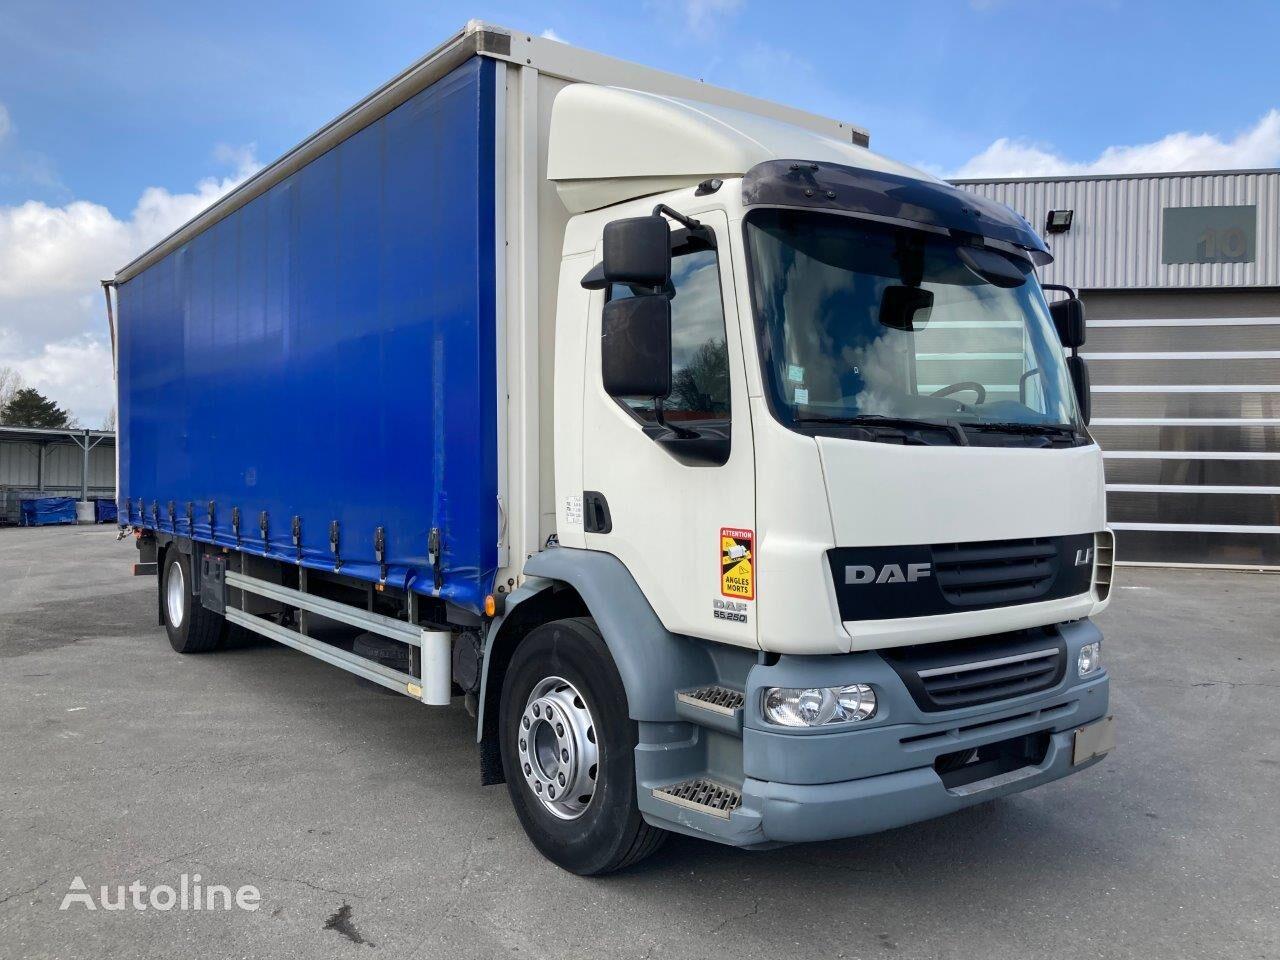 DAF LF 55 250 EEV EURO 5. TAULINER 8m camión con lona corredera